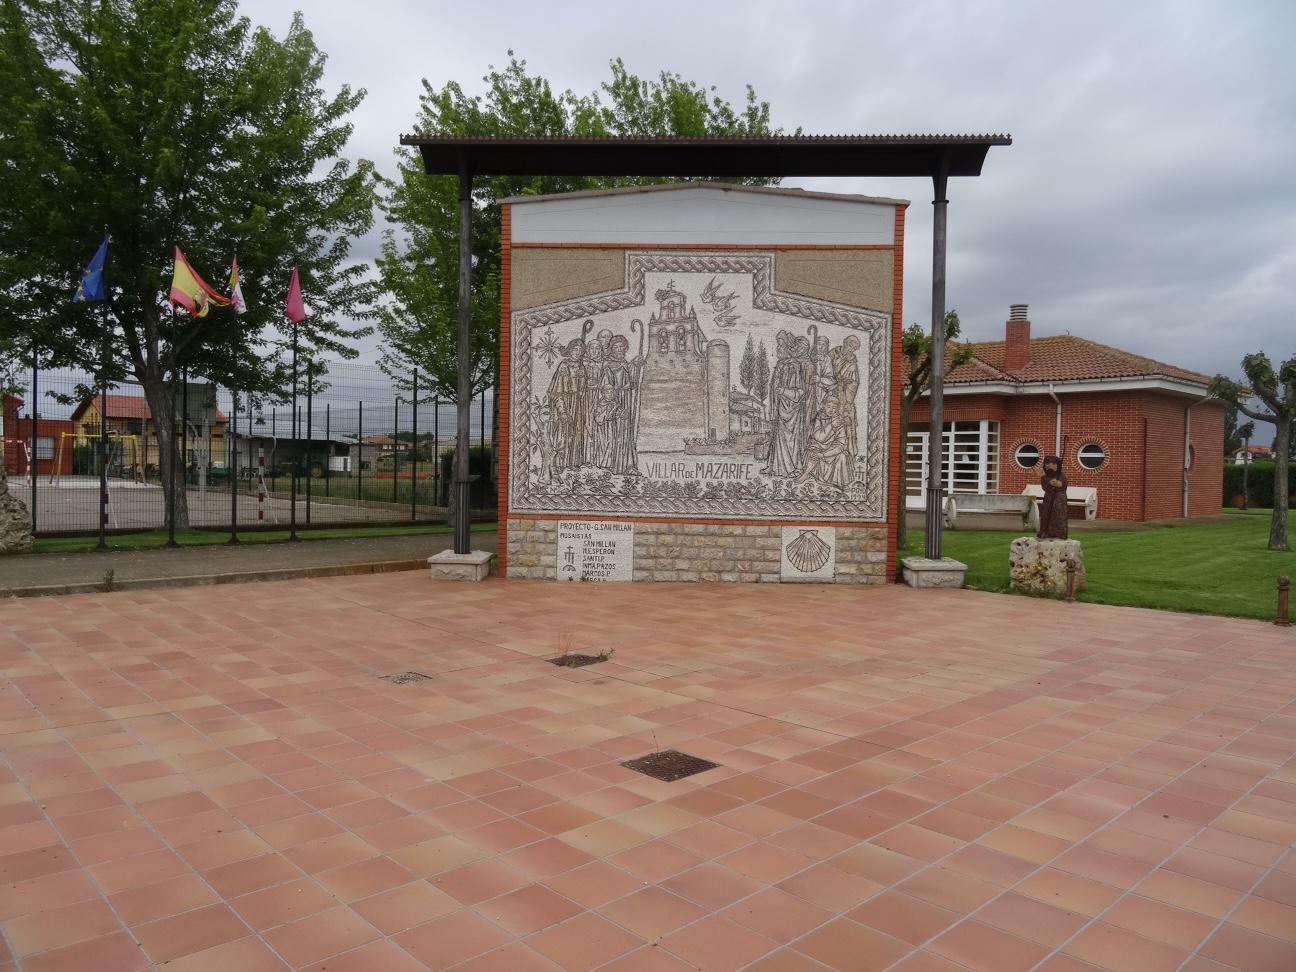 Tag 24, von La Virgen del Camino nach Villavante